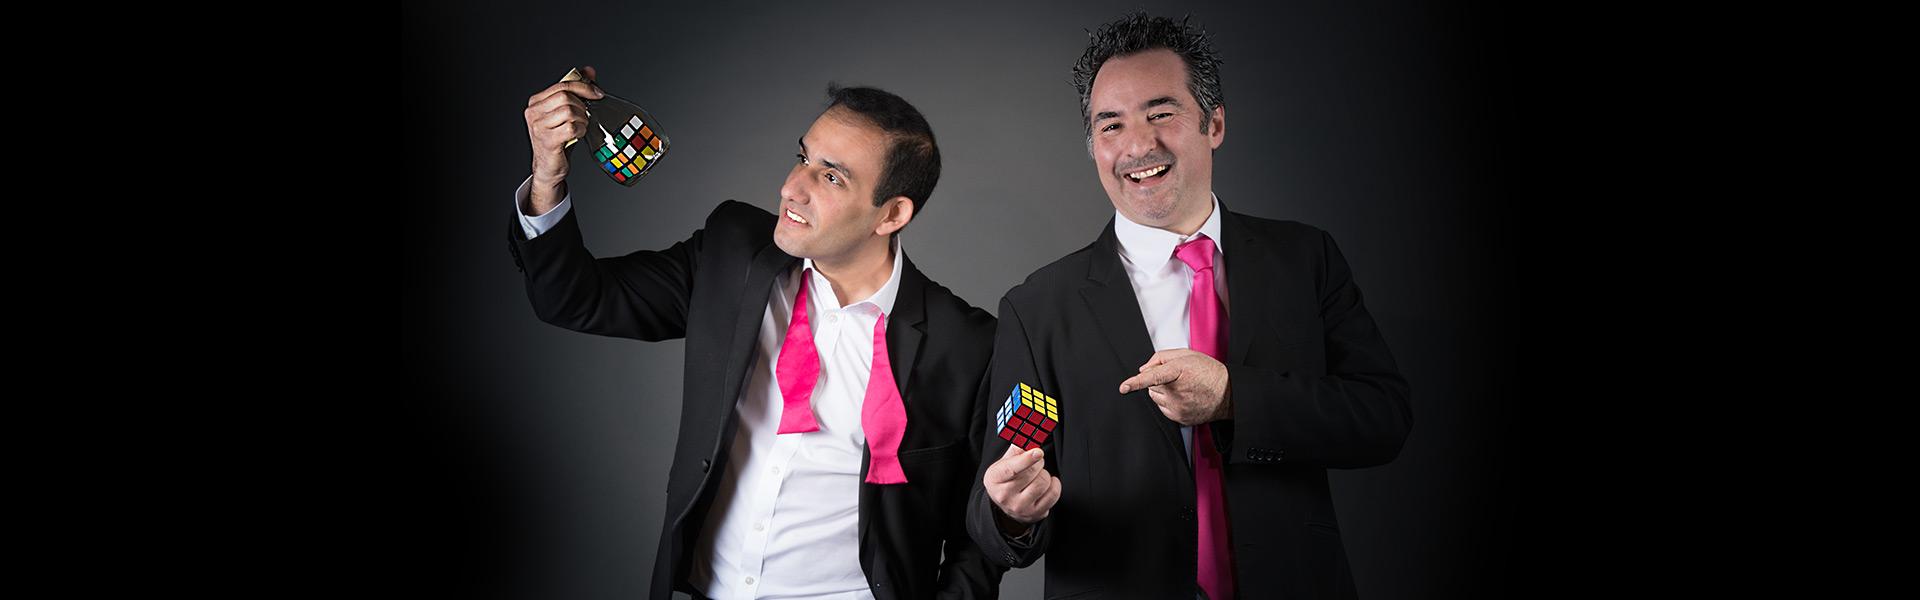 Yoan et Guillaume les magiciens mentalistes